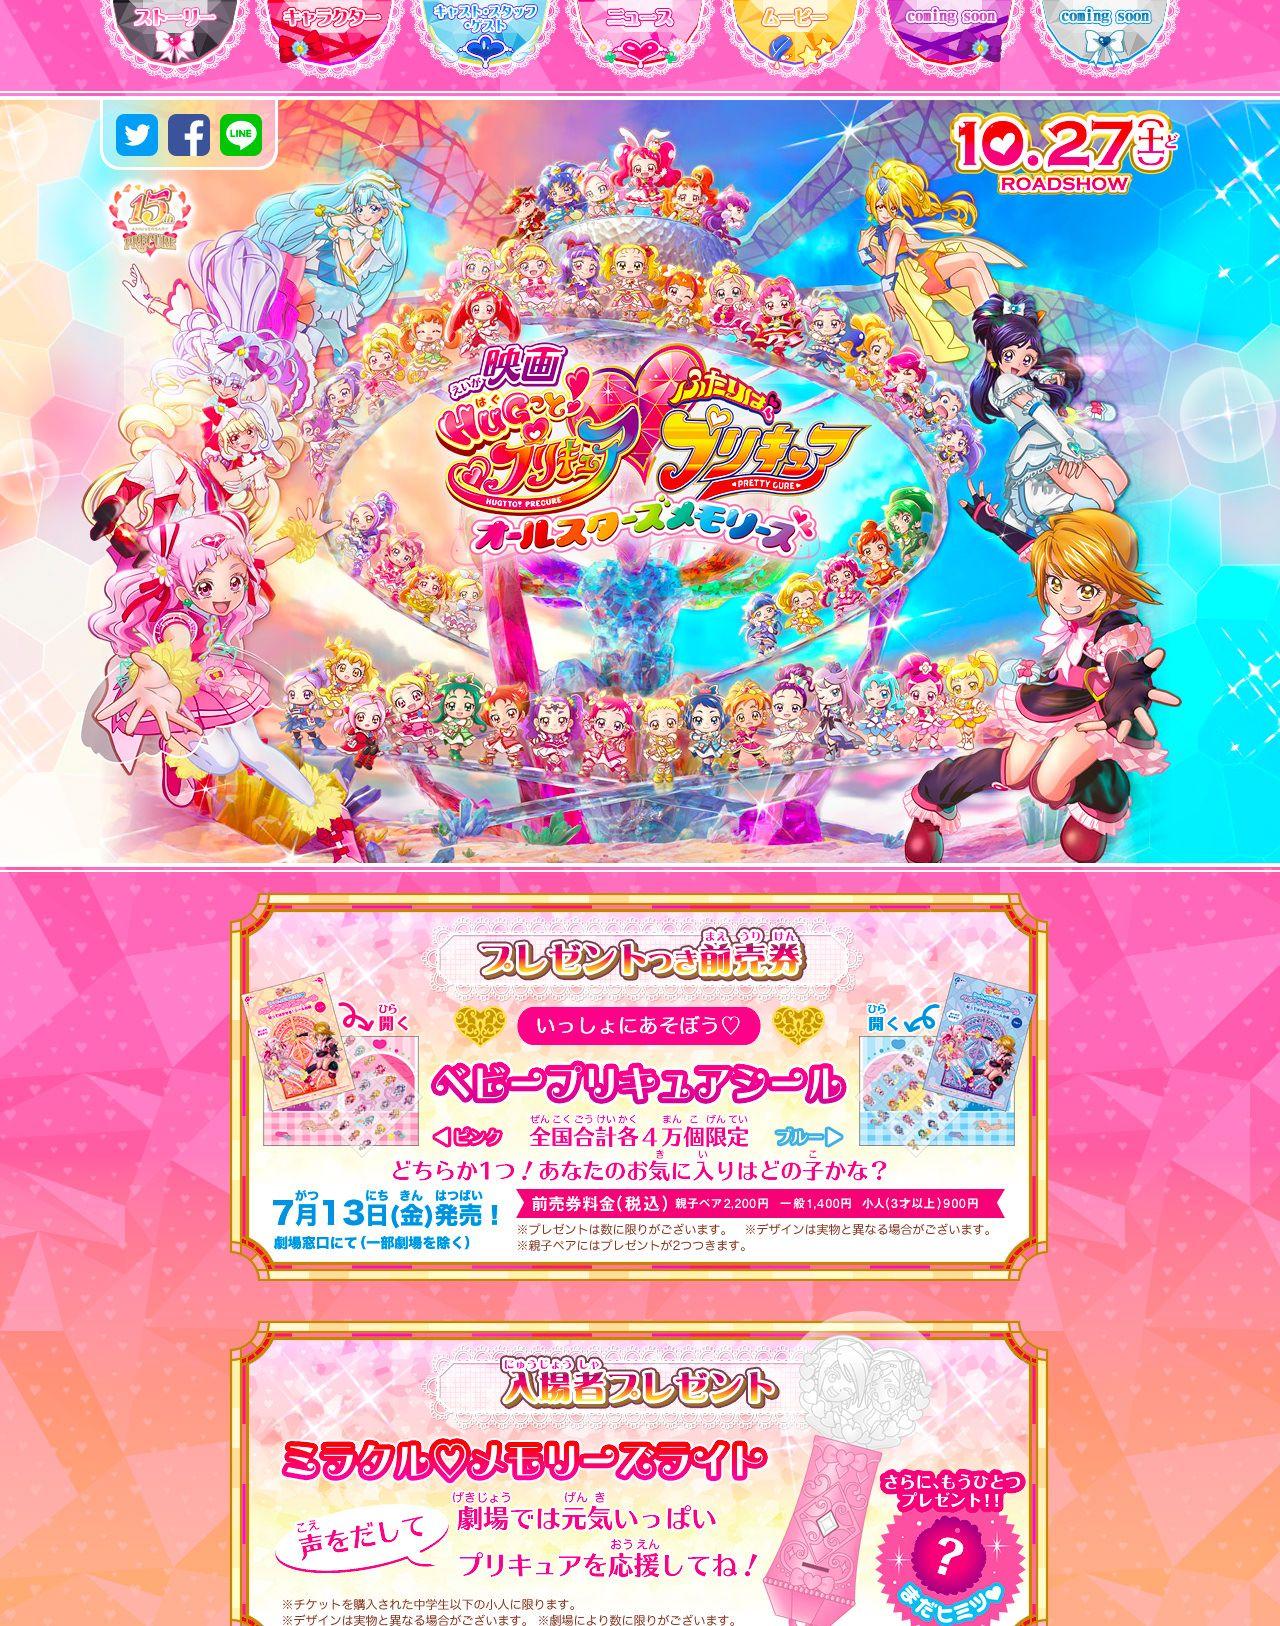 澳门赌场 首页 anime movies movie website anime